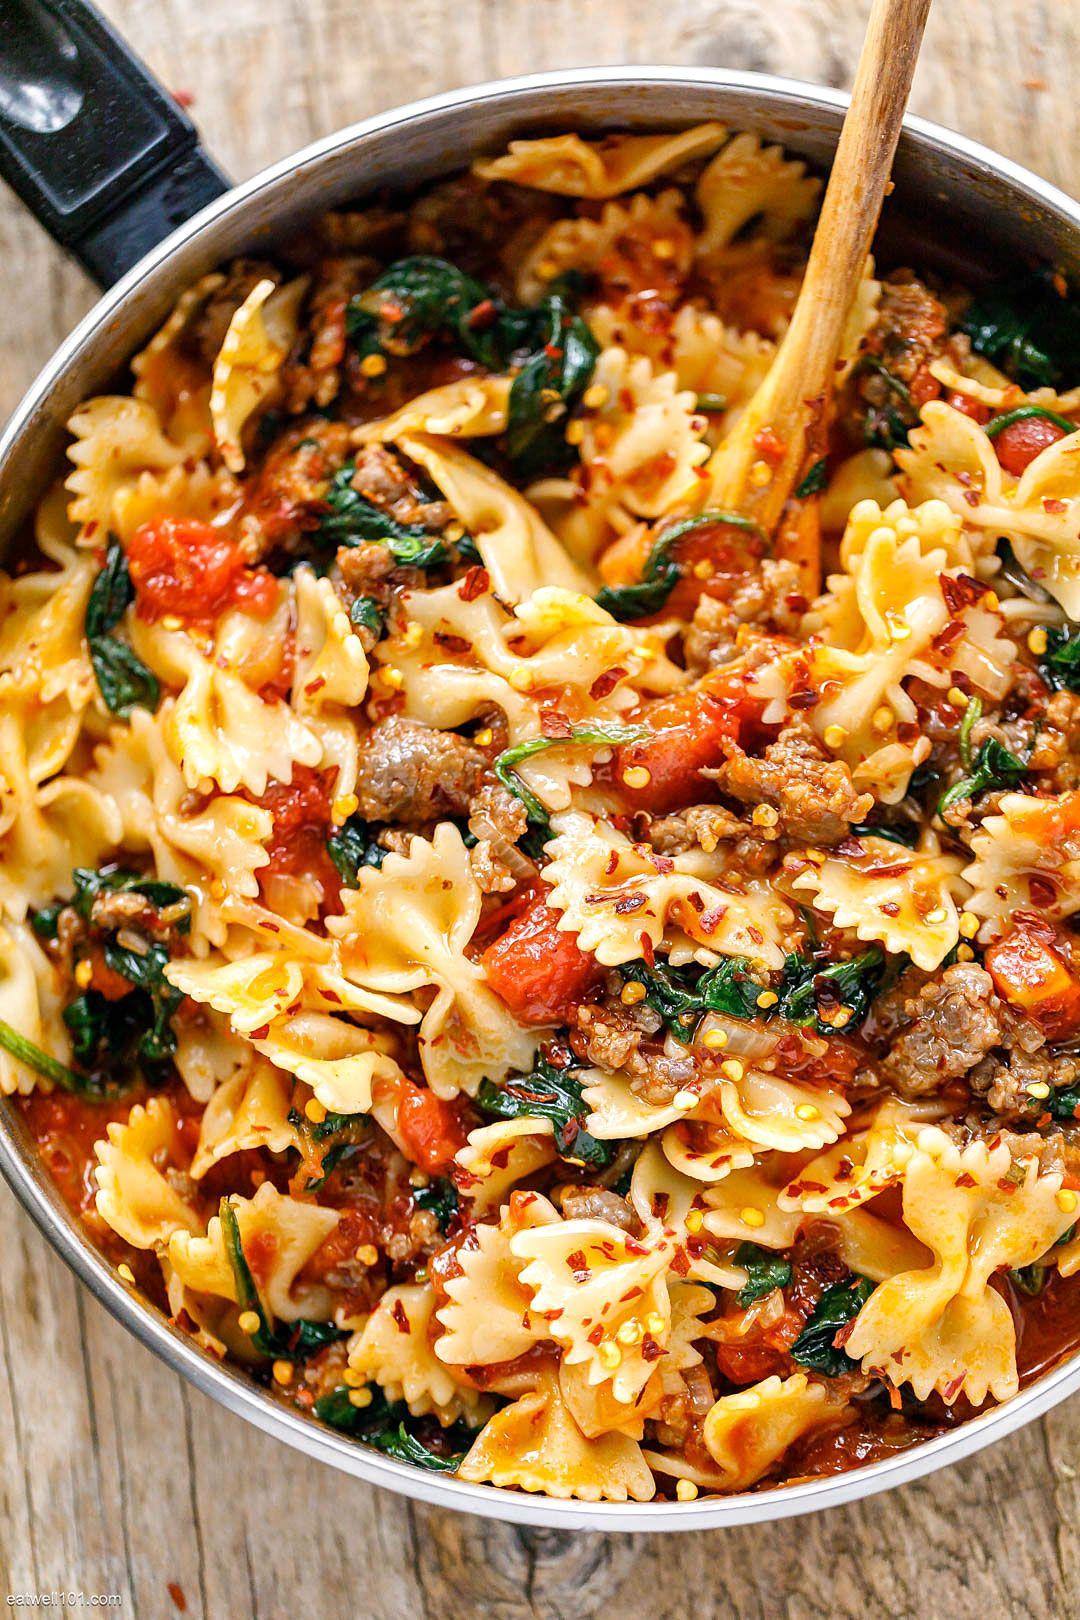 Tomato Spinach Sausage Pasta Recipe Pasta Dinner Recipes Health Dinner Recipes Best Pasta Recipes